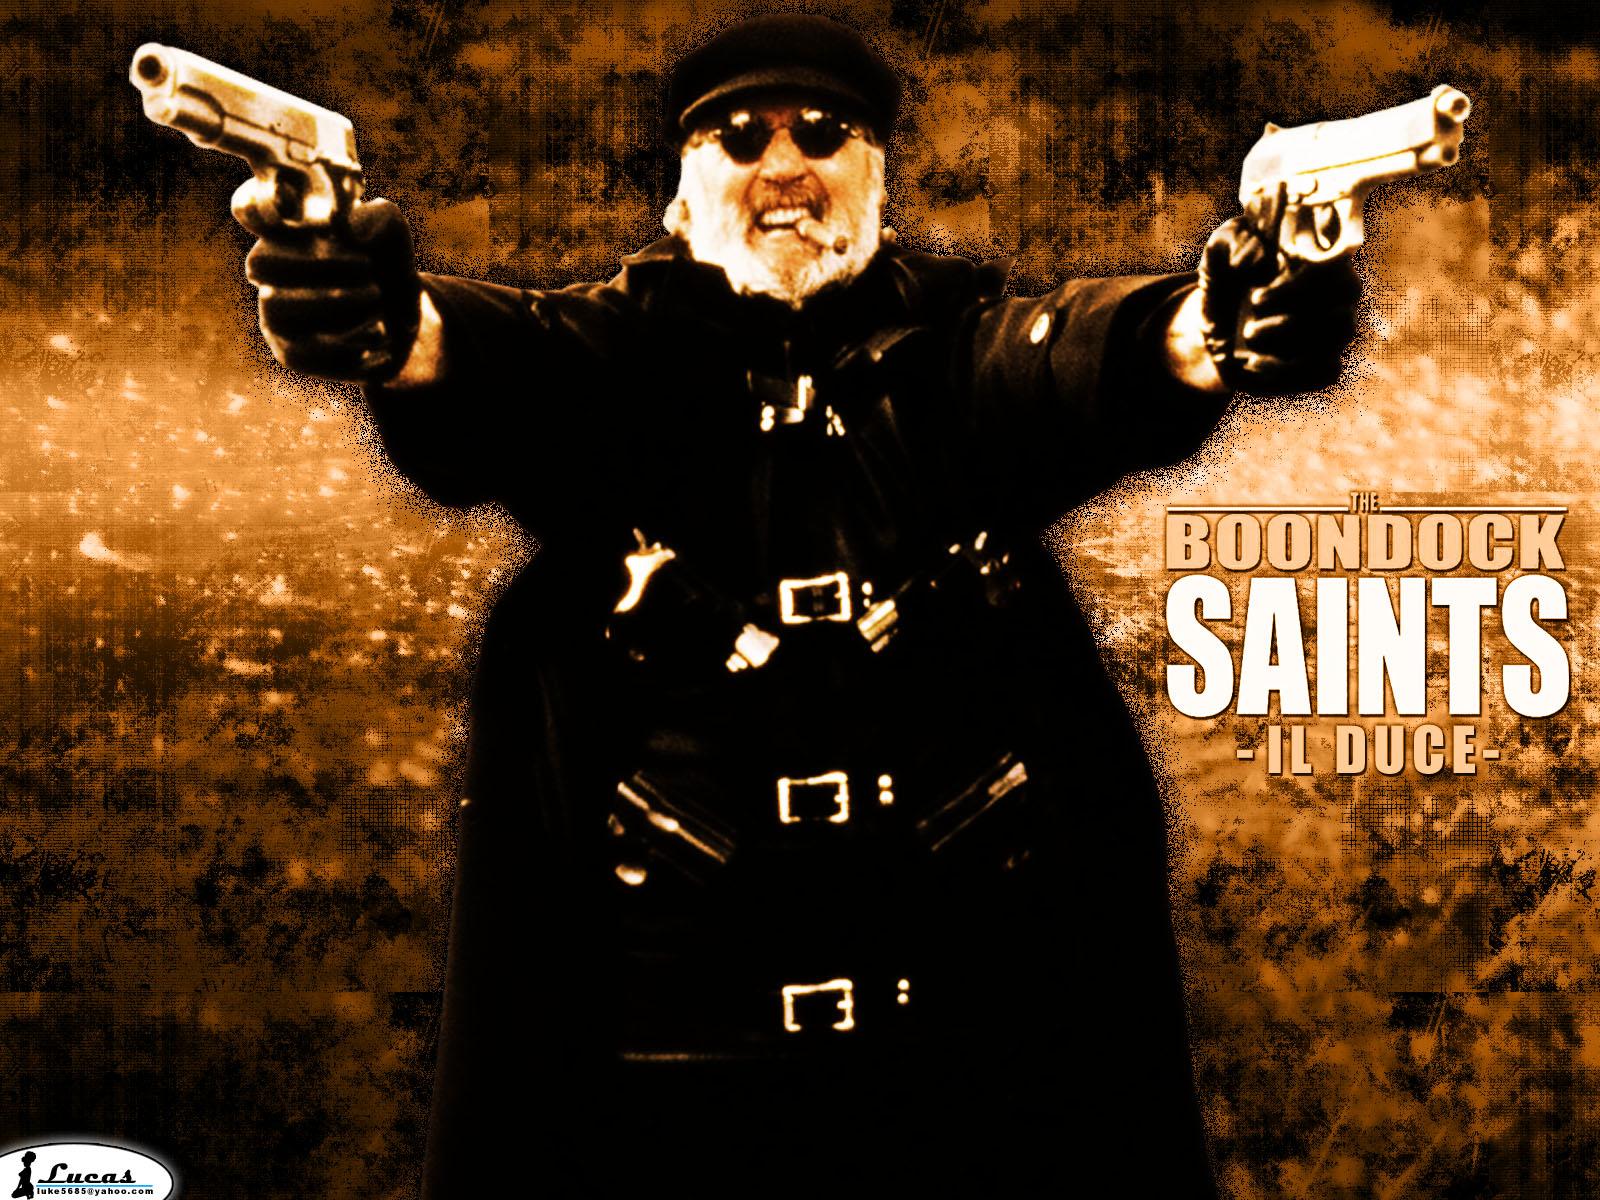 the boondock saints images boondock saints hd wallpaper